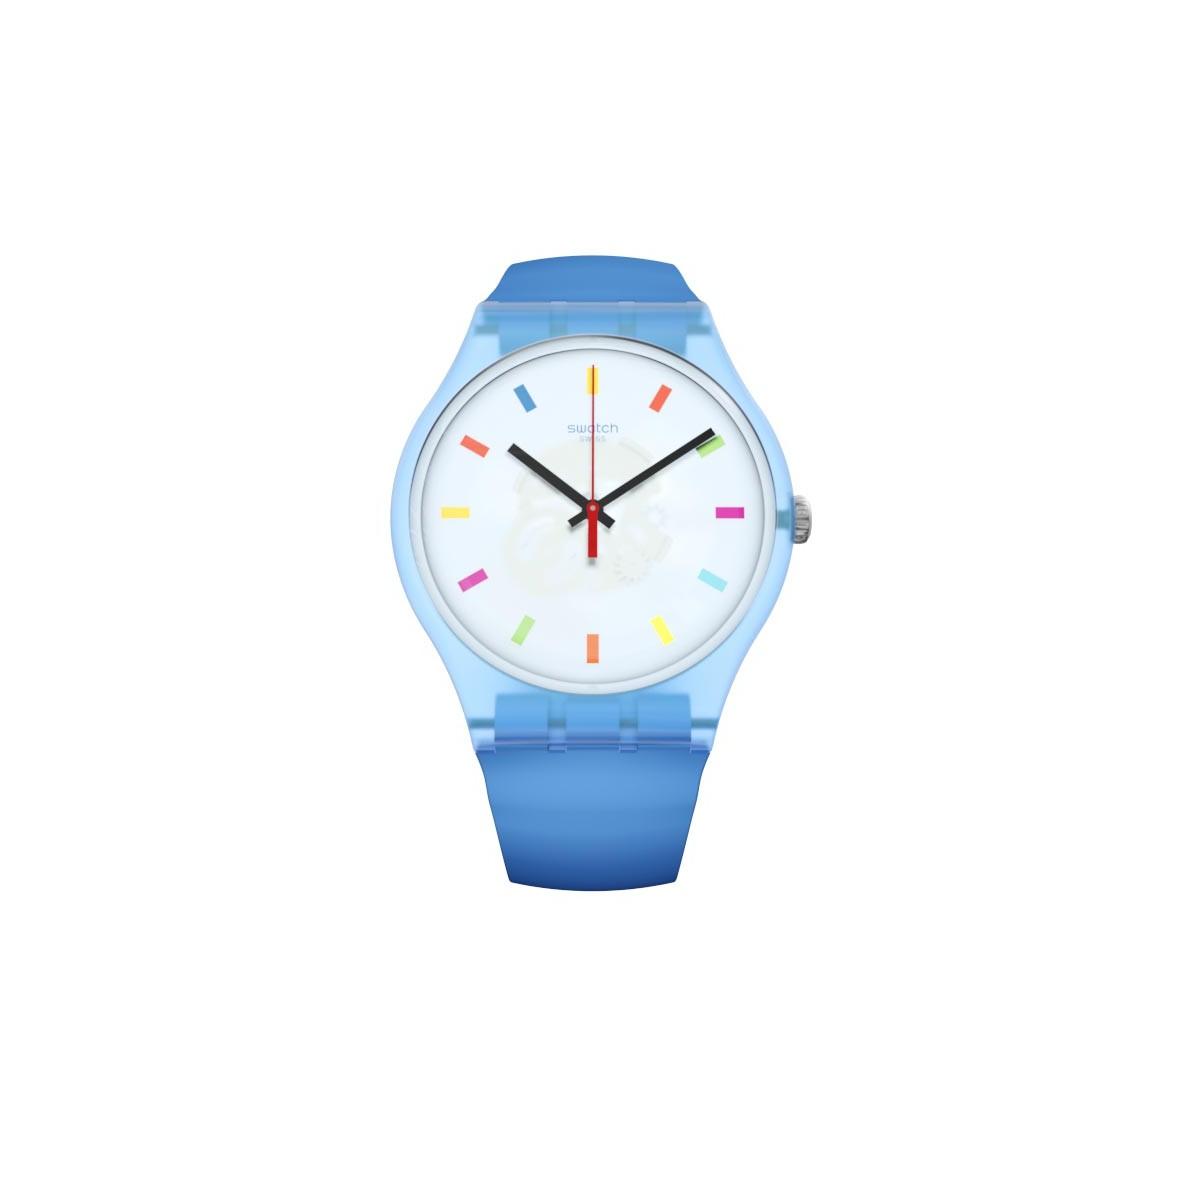 https://www.gaberjoyeria.com/4007-thickbox_default/reloj-swatch-suon125.jpg